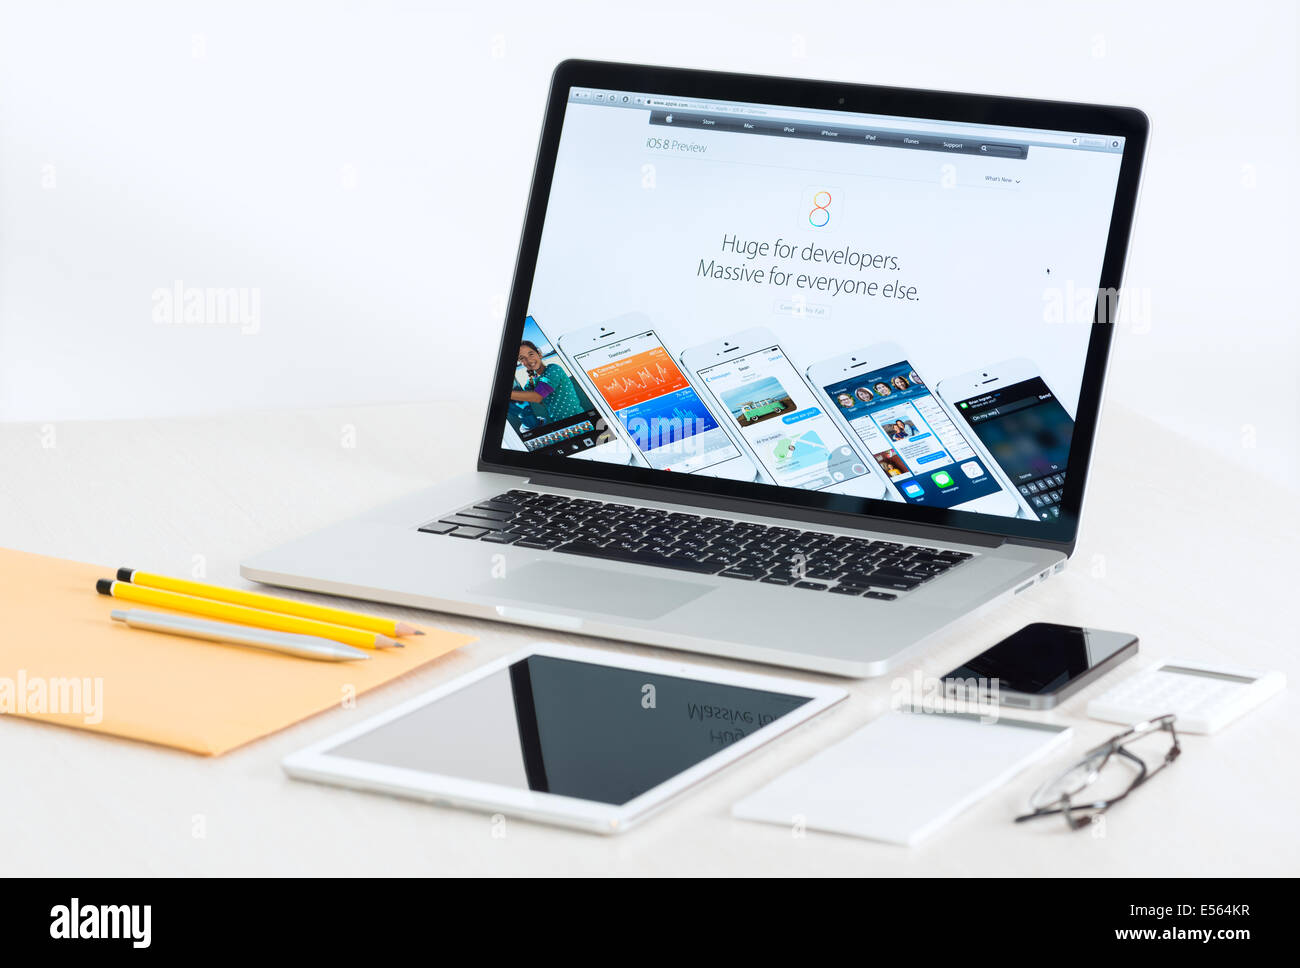 Studio shot of brand new Apple MacBook Pro avec les périphériques mobiles Apple iOS 8 pour les développeurs présentation Banque D'Images